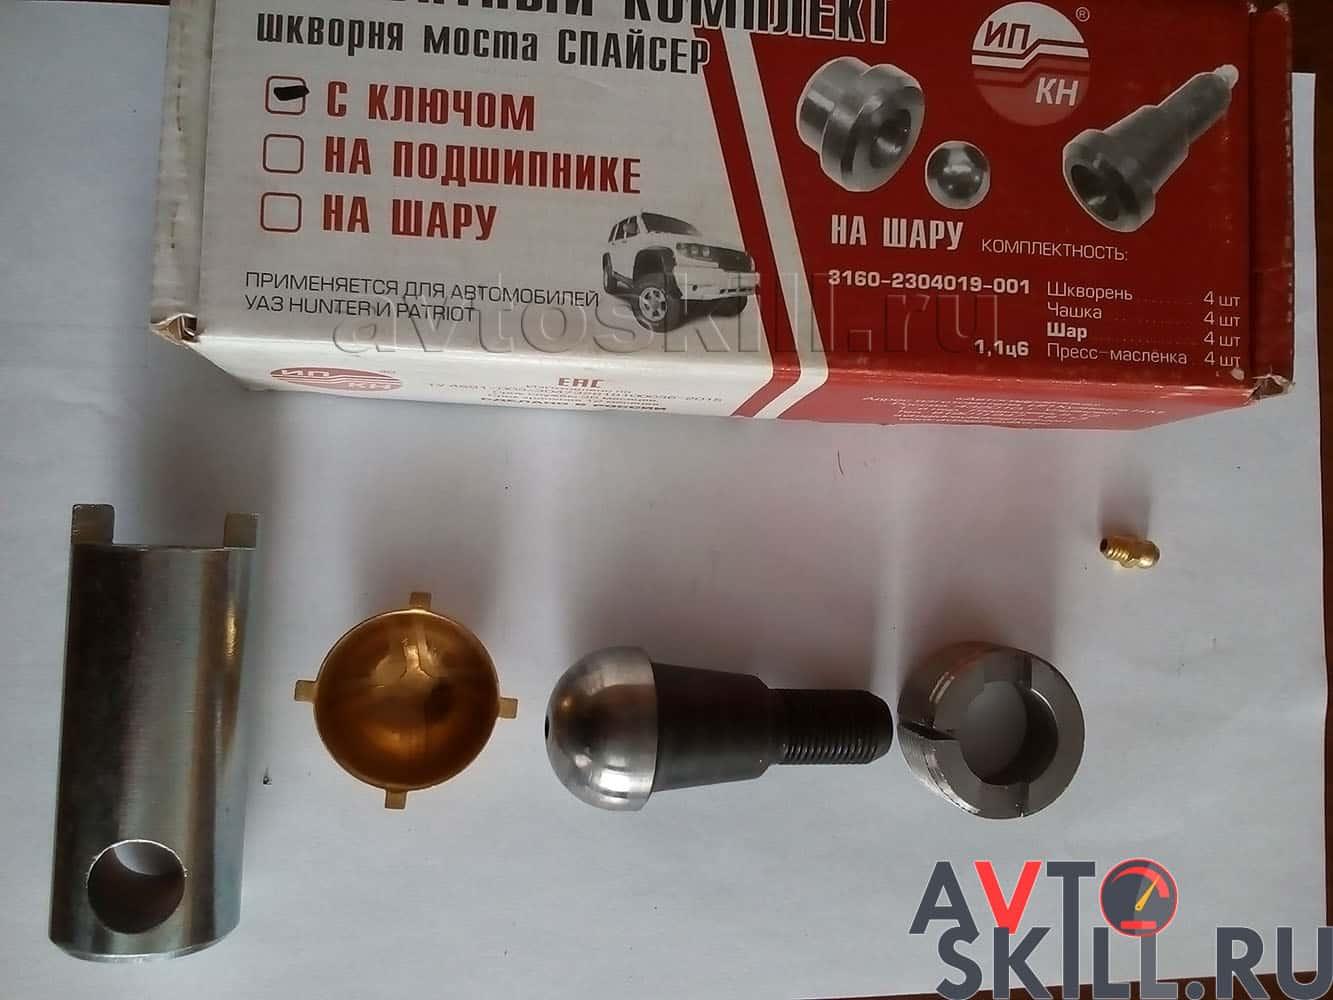 Примеры ремкомплектов для замены шкворней на УАЗ любого вида